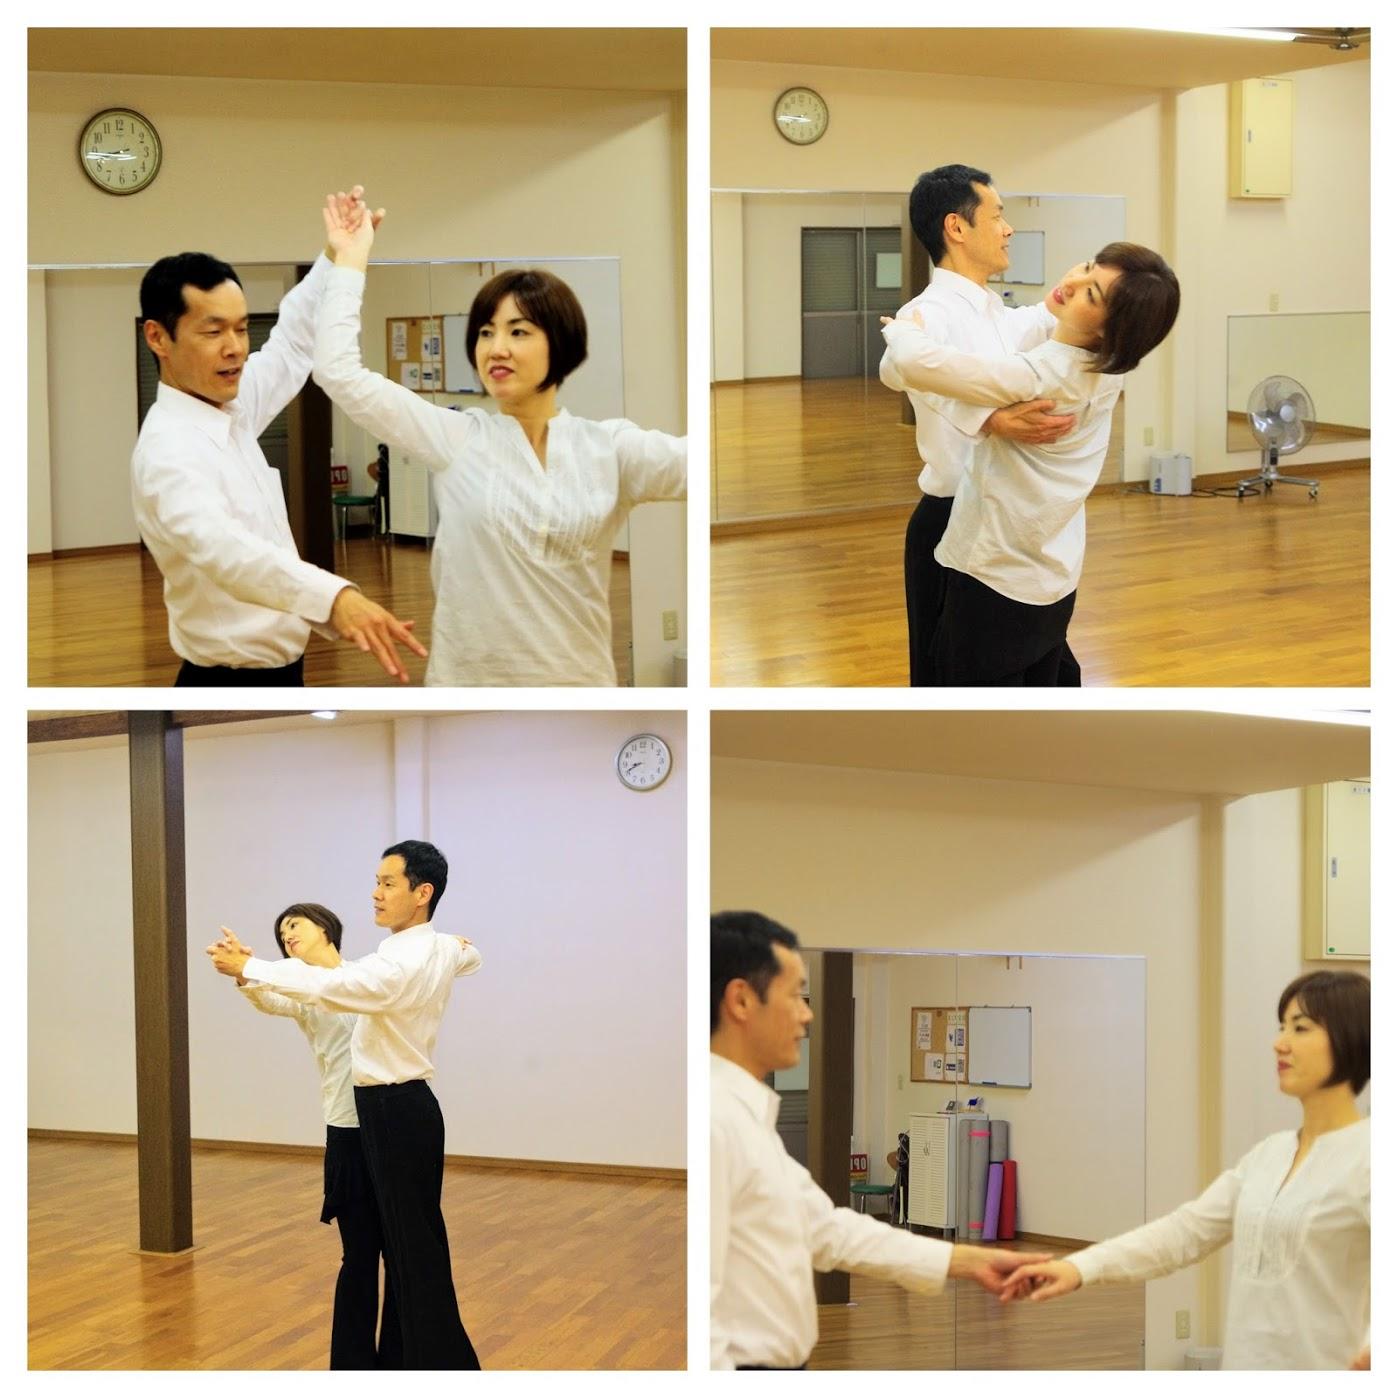 健康寿命 静岡市 清水区 社交ダンス社交ダンス ダンス教室